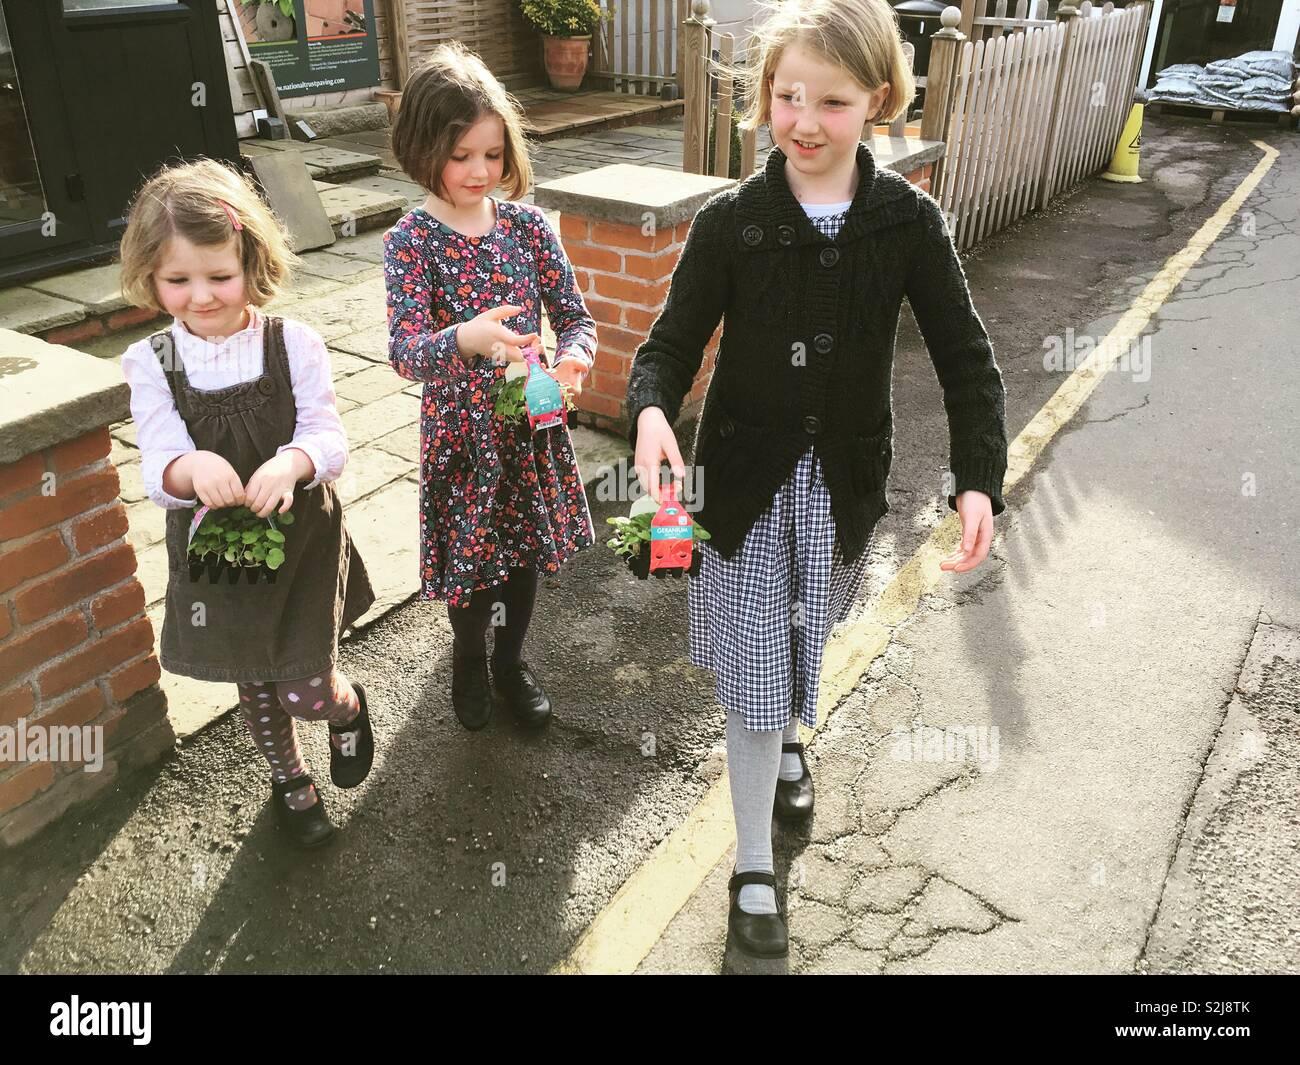 Niños, niños, niños, hermanas, jóvenes jardineros dejando un jardín central con las plántulas / bandejas de plantas que acaban de comprar comprado. Uk Foto de stock